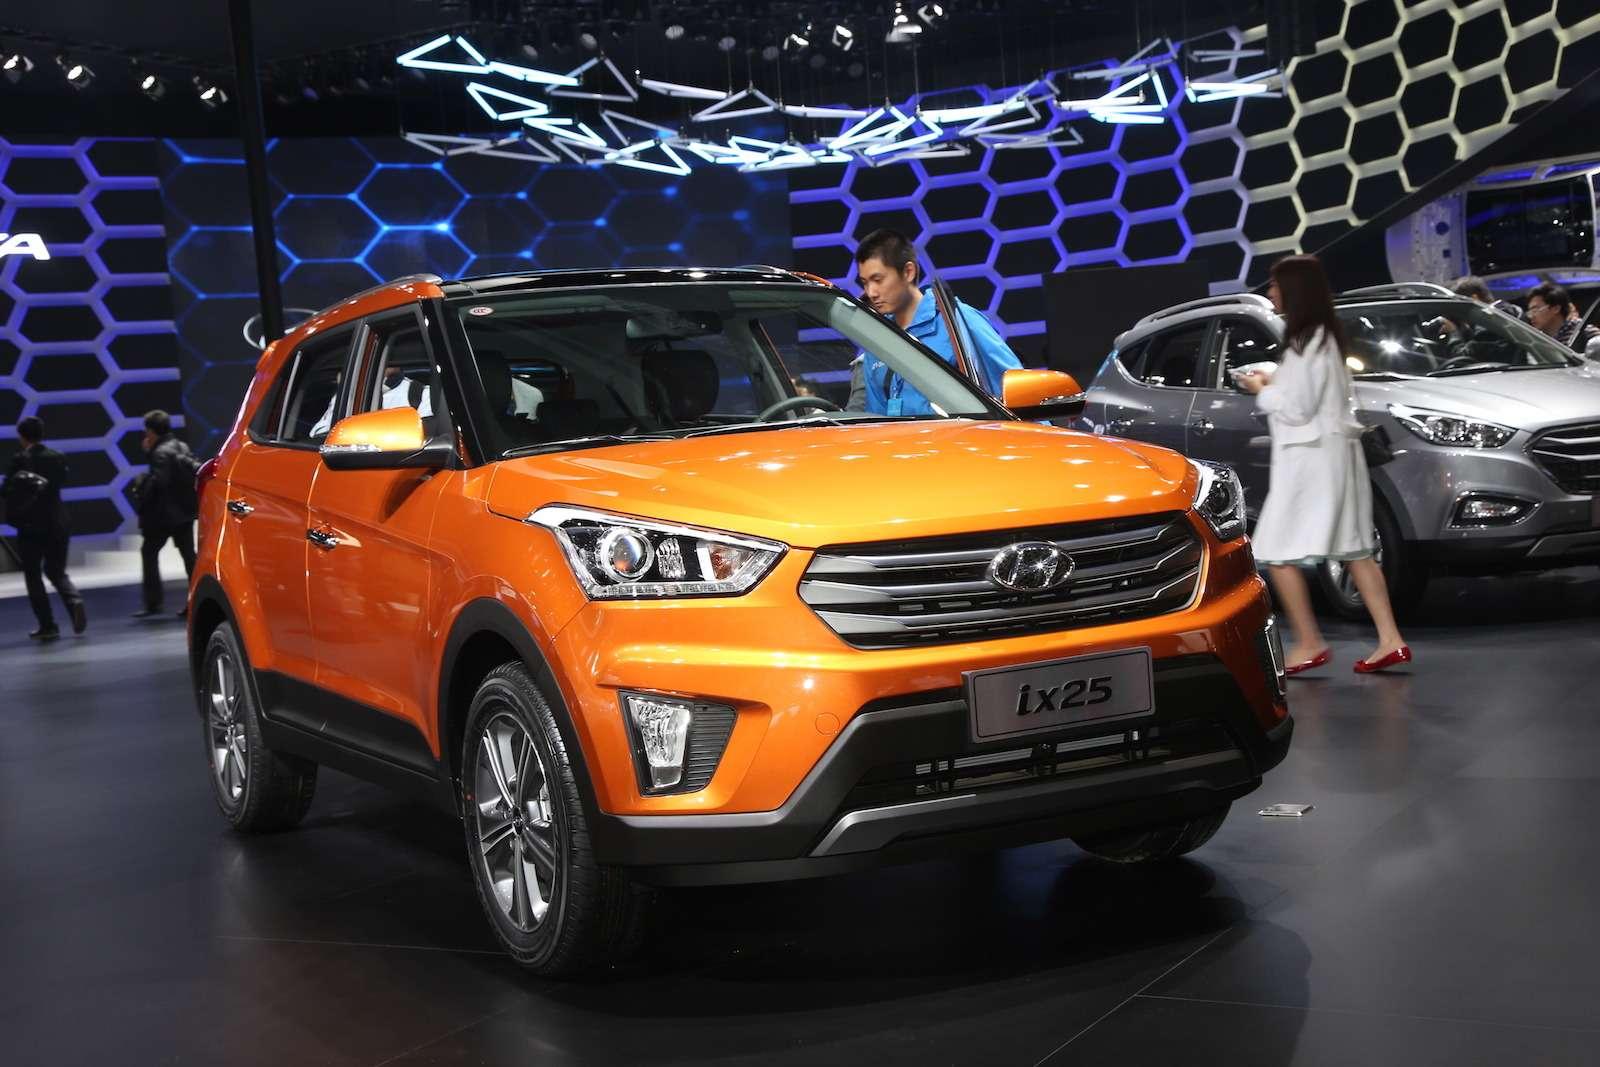 Hyundai IX25